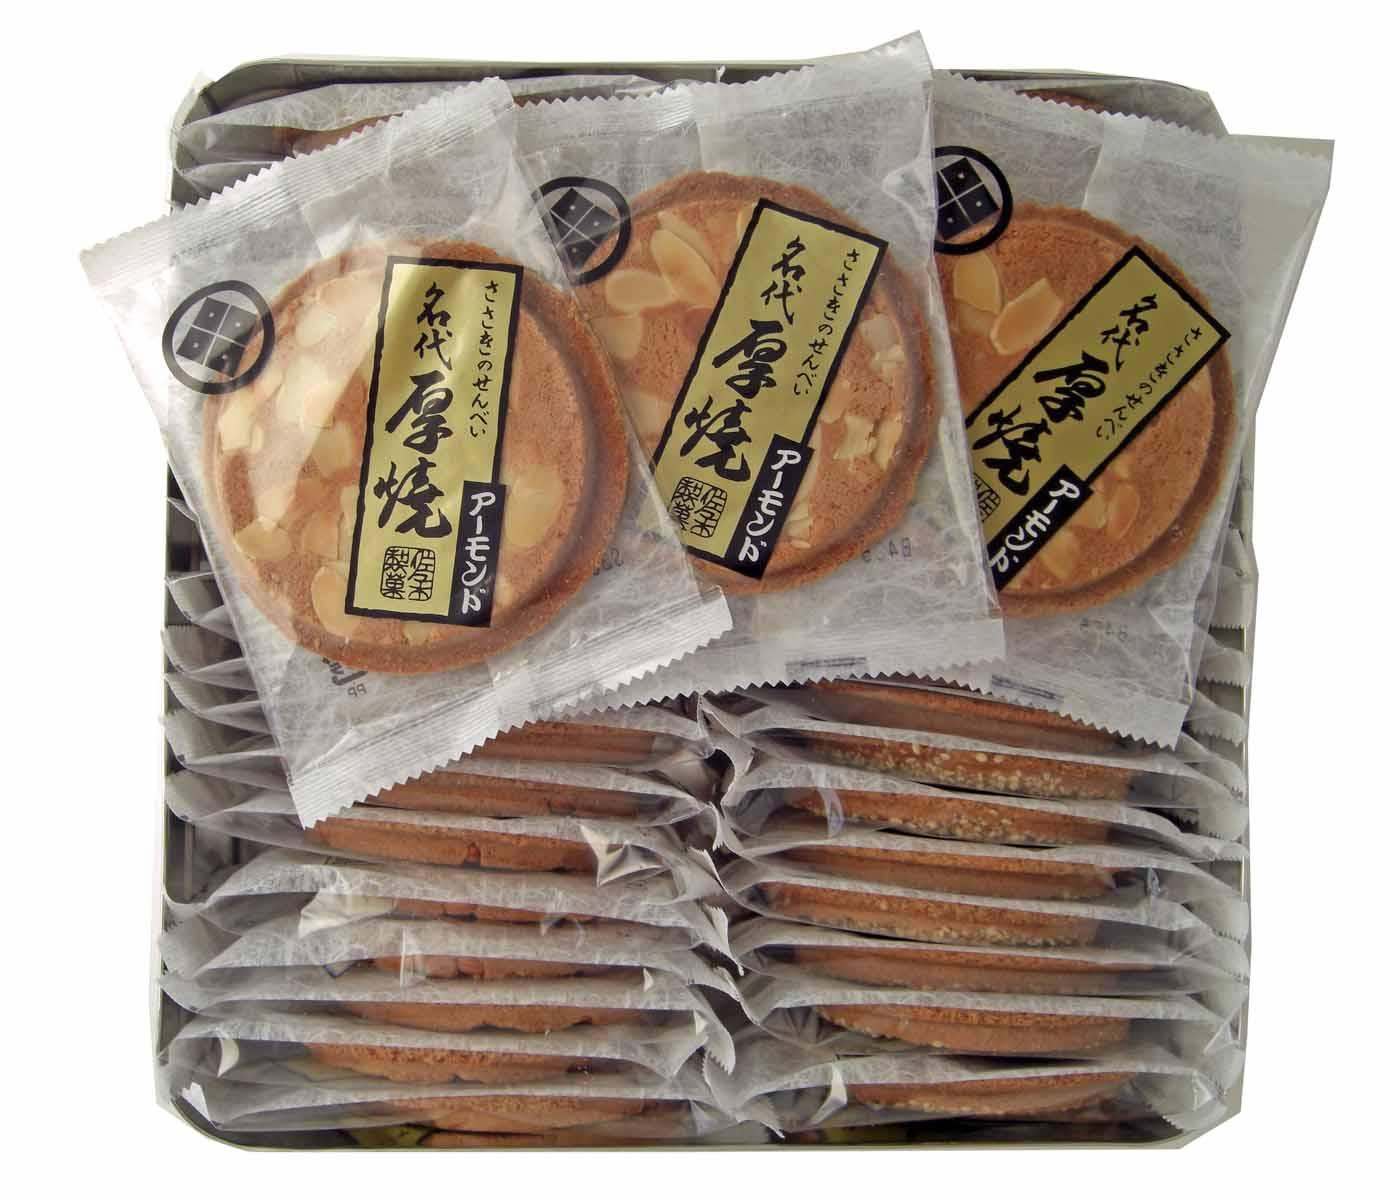 厚焼アーモンド 【40枚缶入】【ネット限定】佐々木製菓